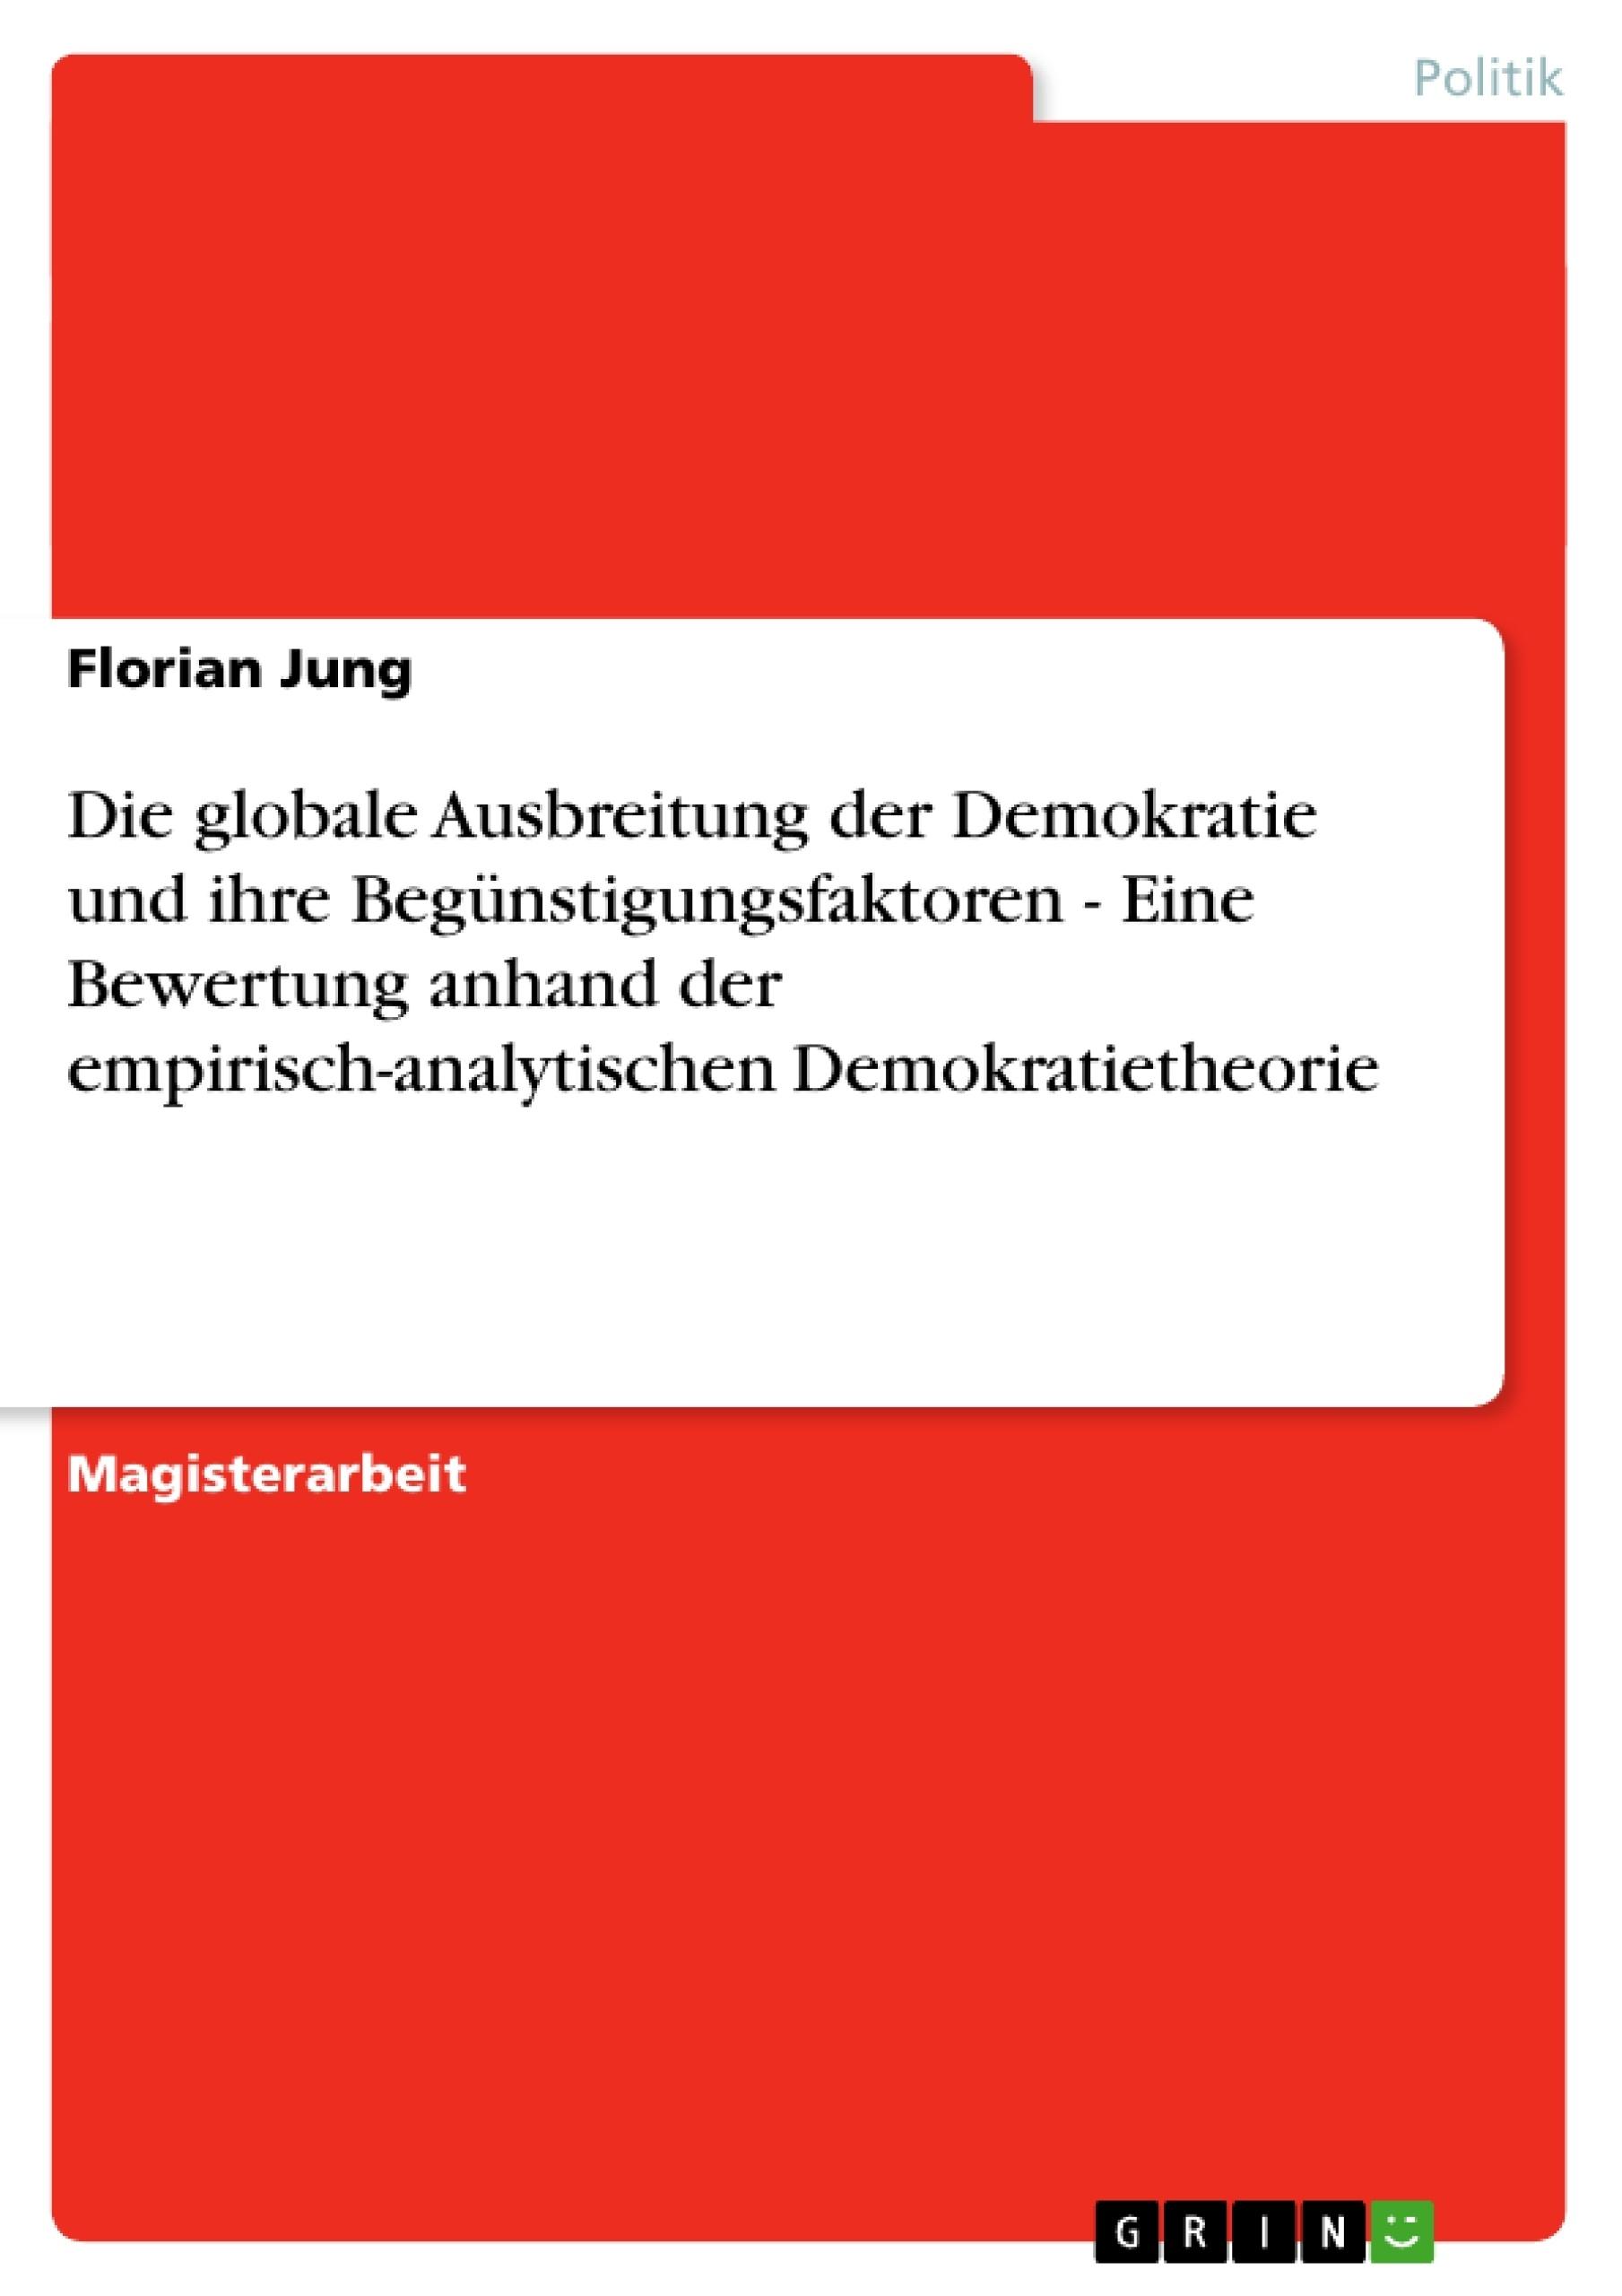 Titel: Die globale Ausbreitung der Demokratie und ihre Begünstigungsfaktoren - Eine Bewertung anhand der empirisch-analytischen Demokratietheorie